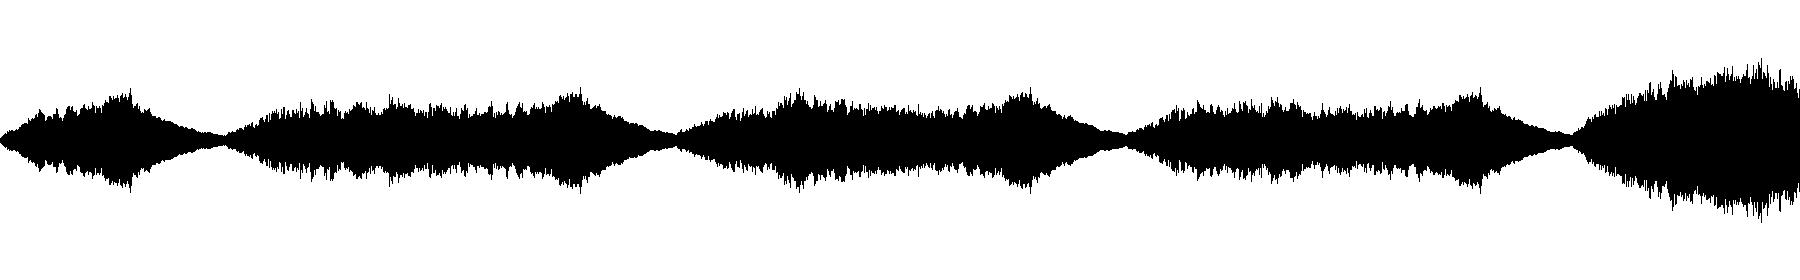 melody 20bpm80keyd